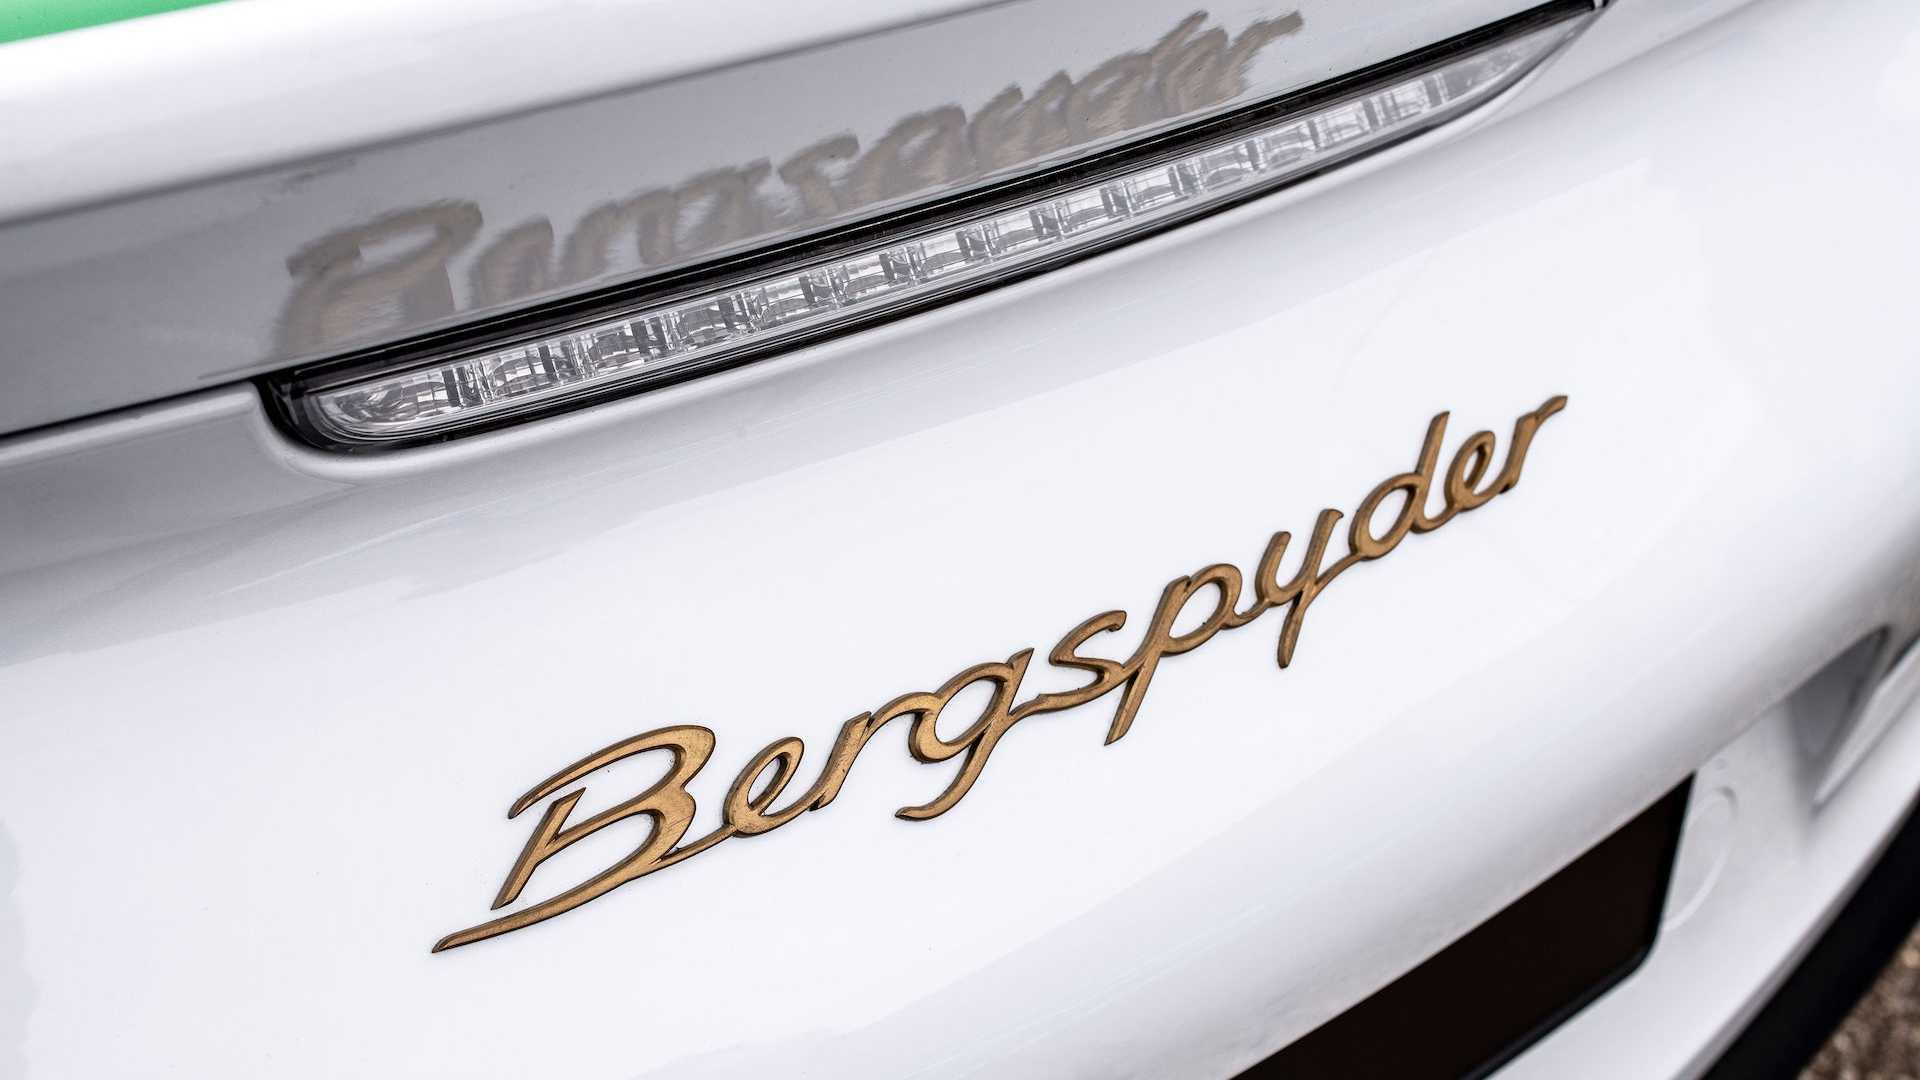 Porsche-981-Bergspyder-4